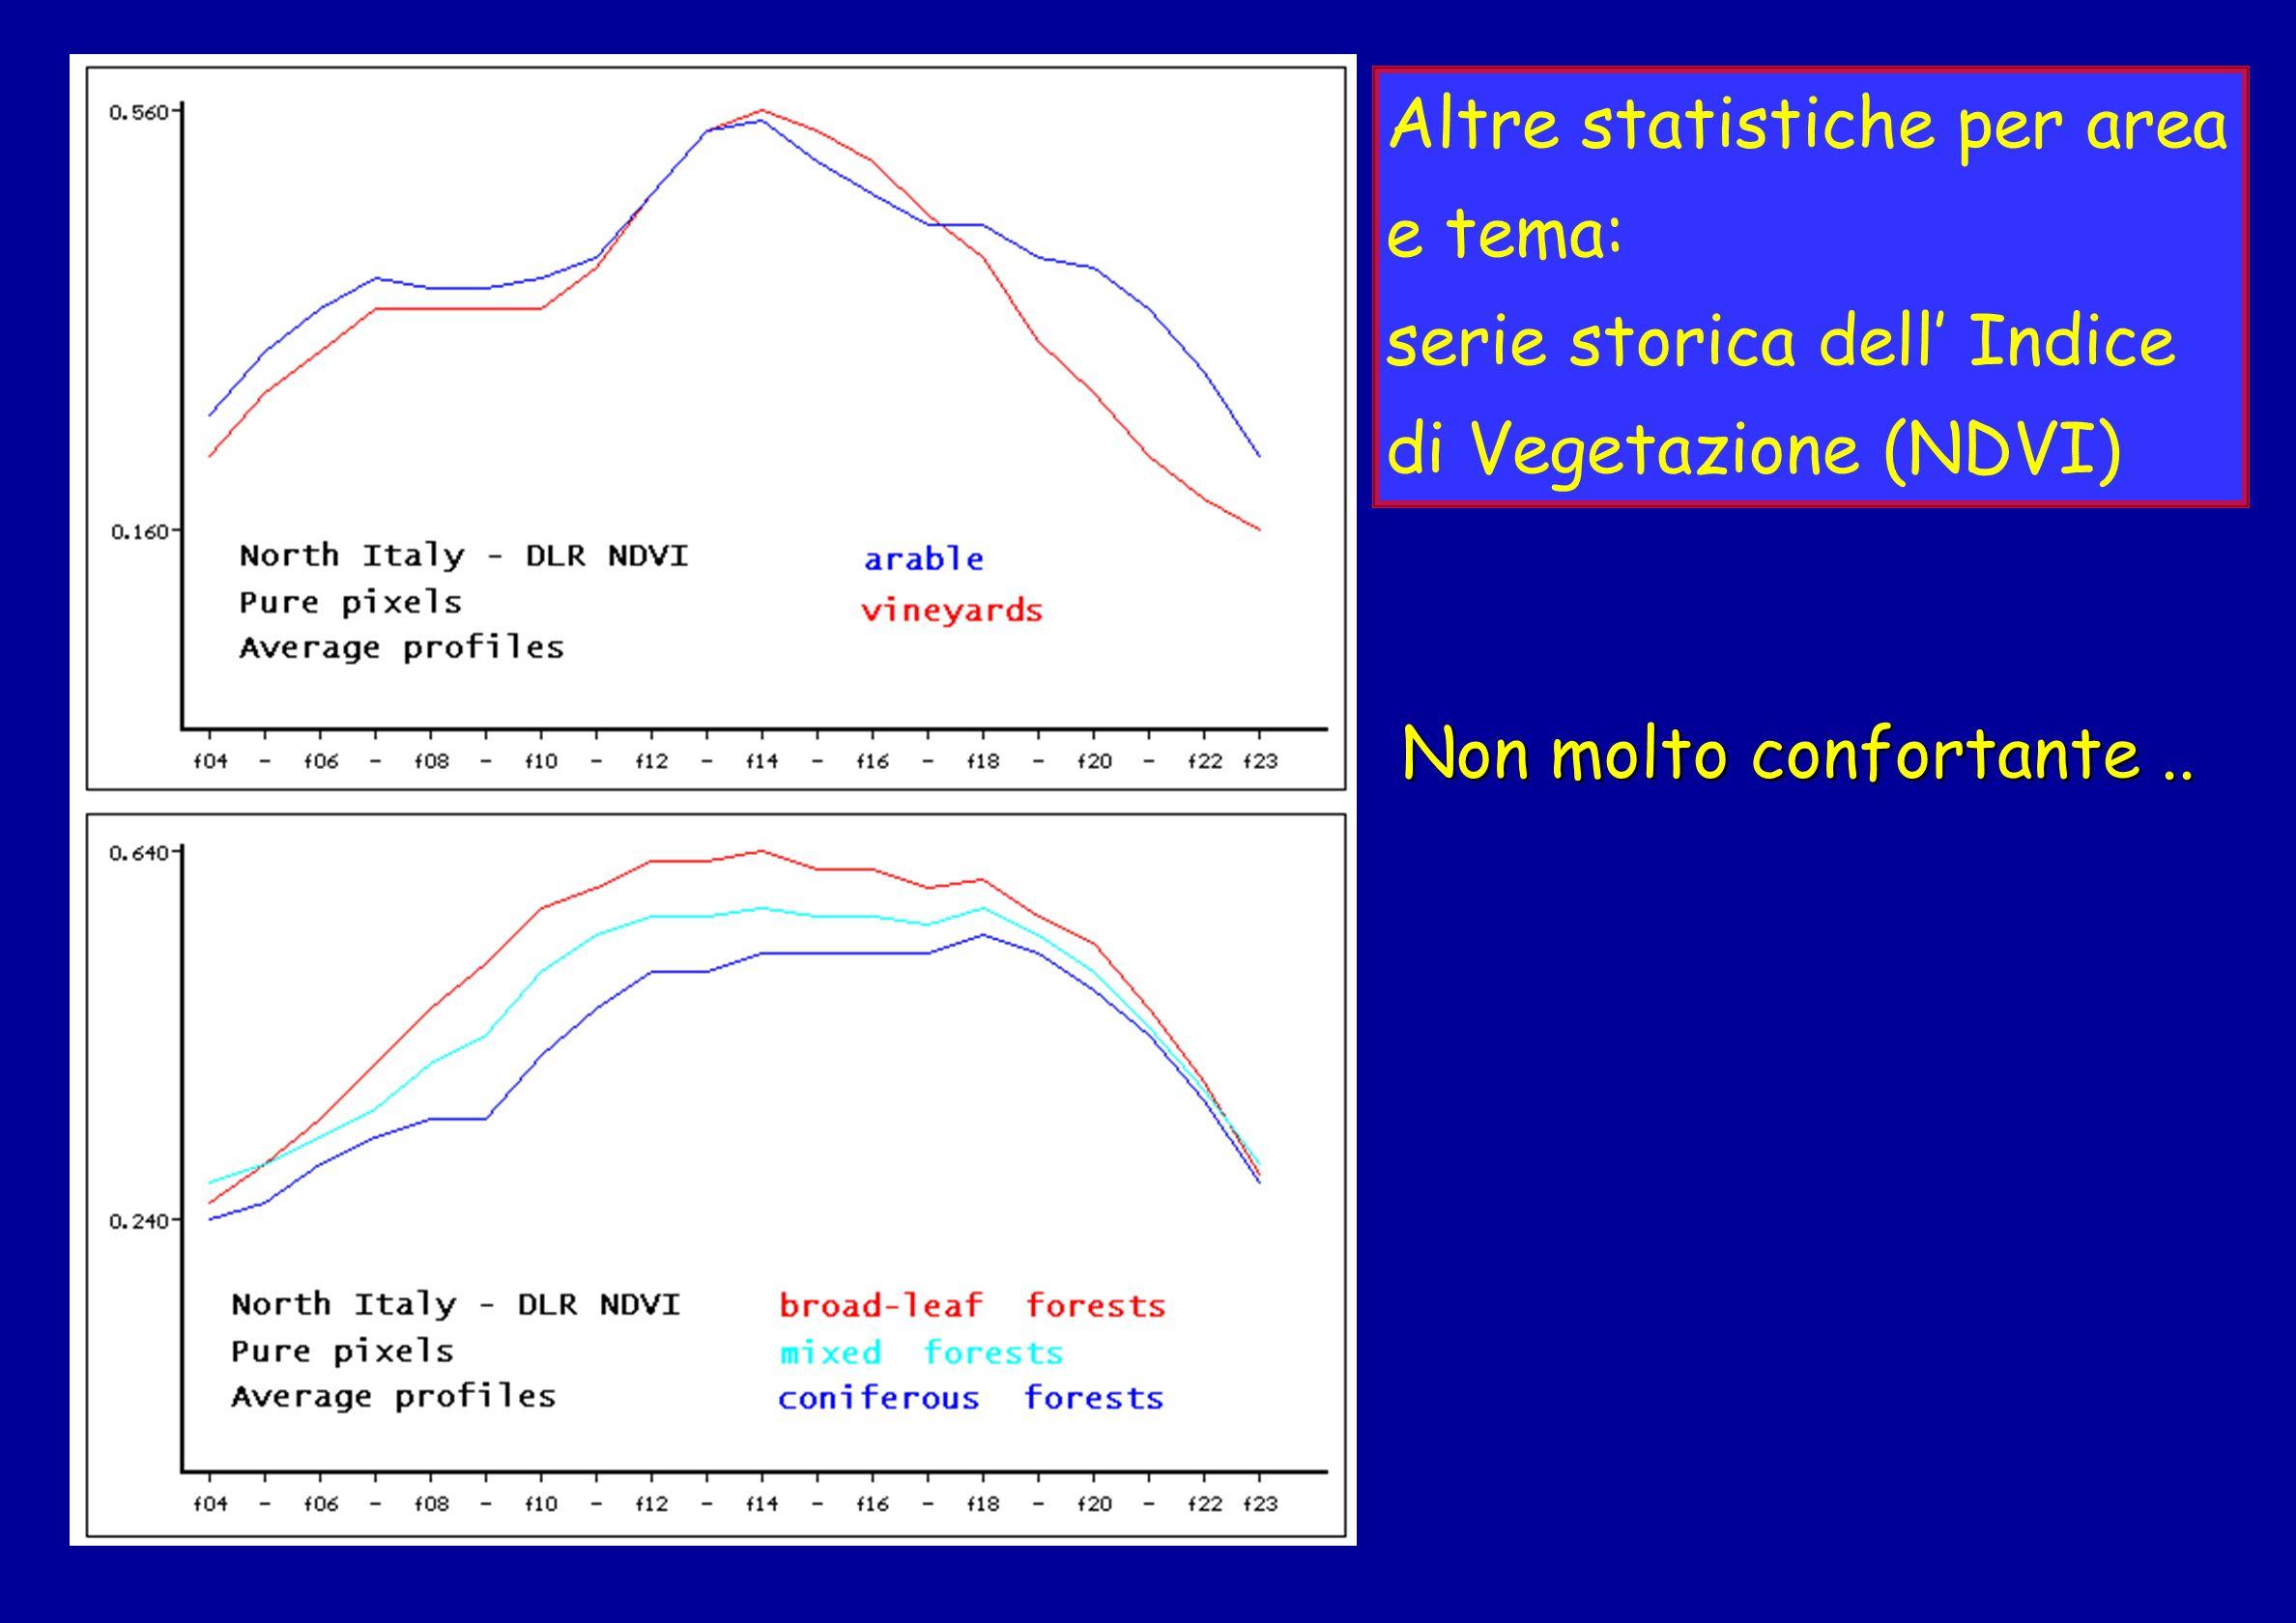 Altre statistiche per area e tema: serie storica dell Indice di Vegetazione (NDVI) Non molto confortante..